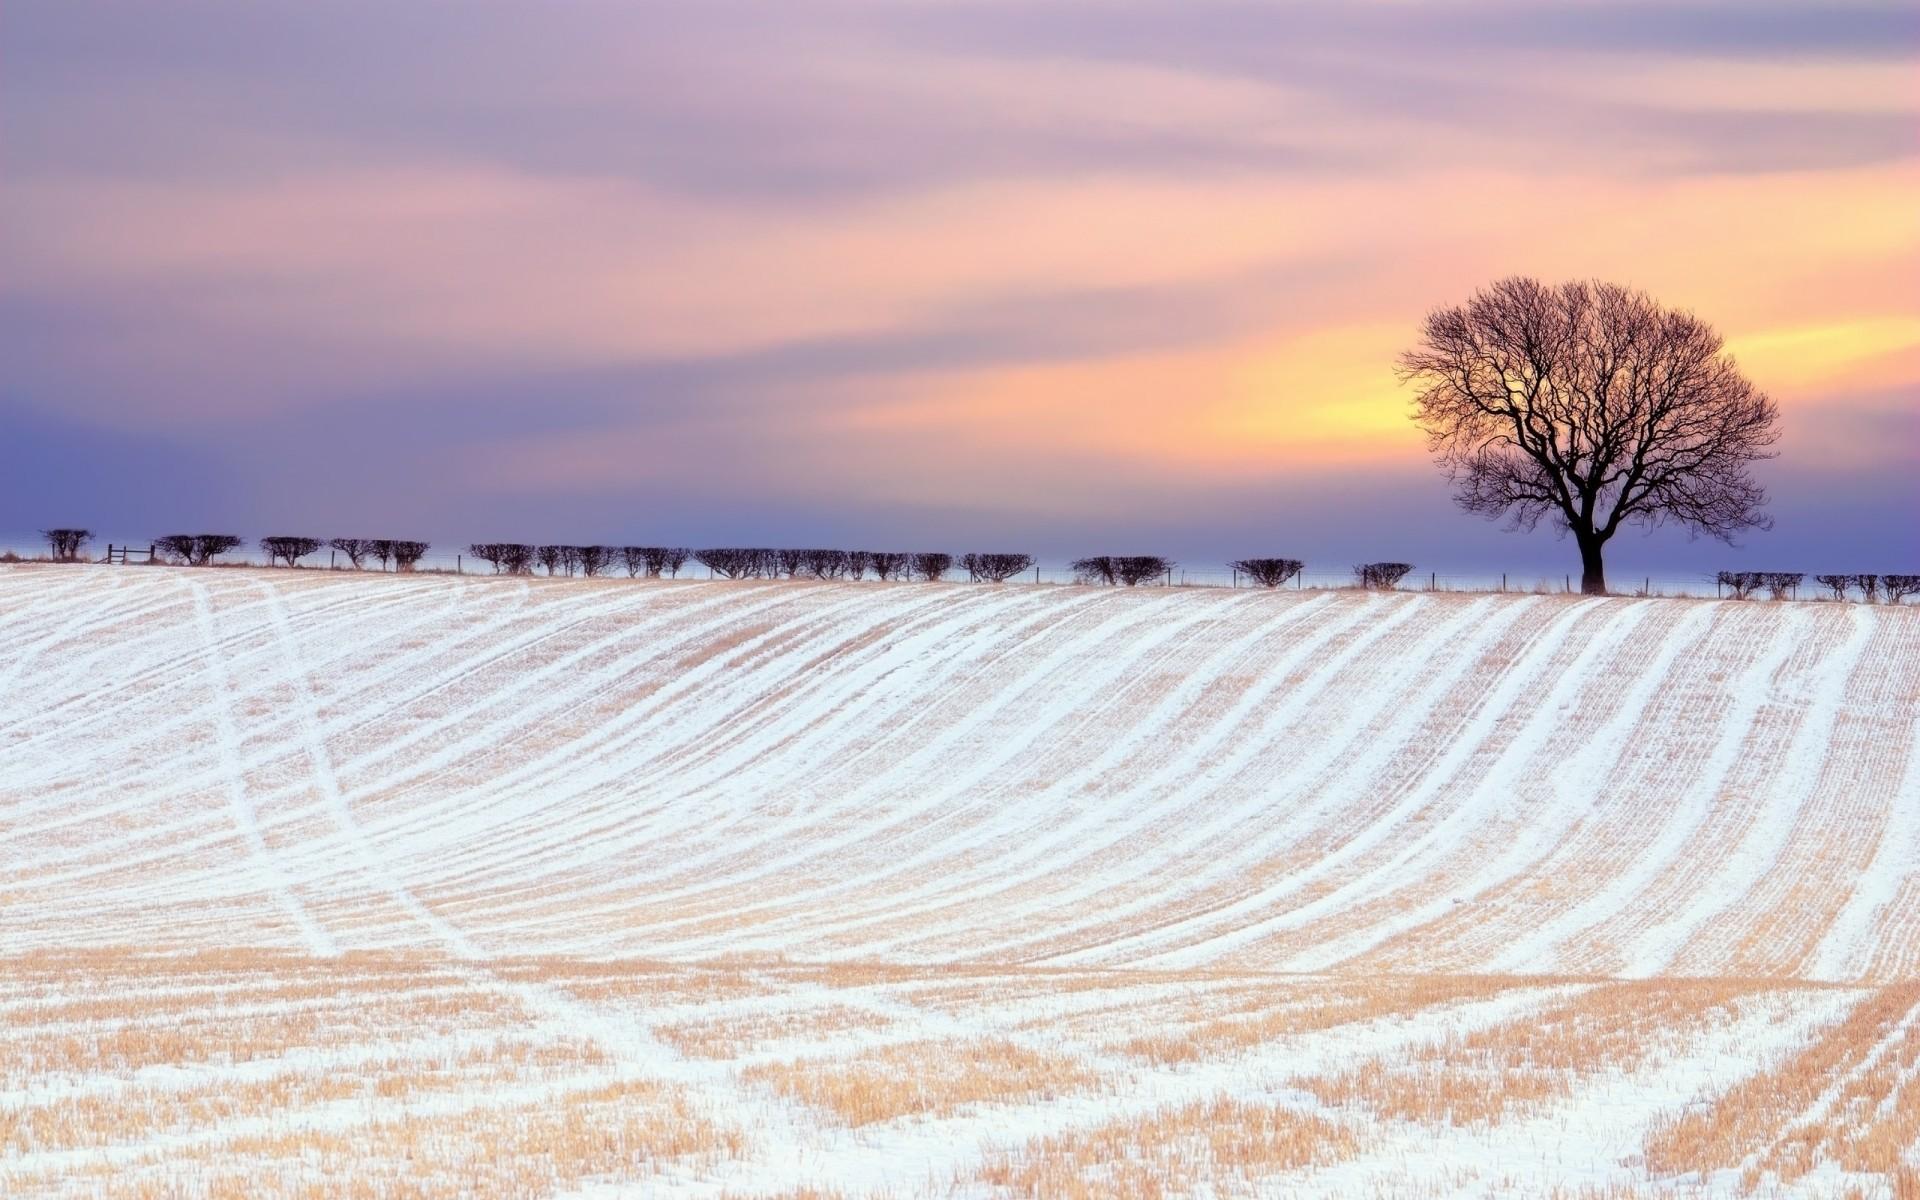 22634 скачать обои Пейзаж, Зима, Деревья, Закат, Поля, Снег - заставки и картинки бесплатно